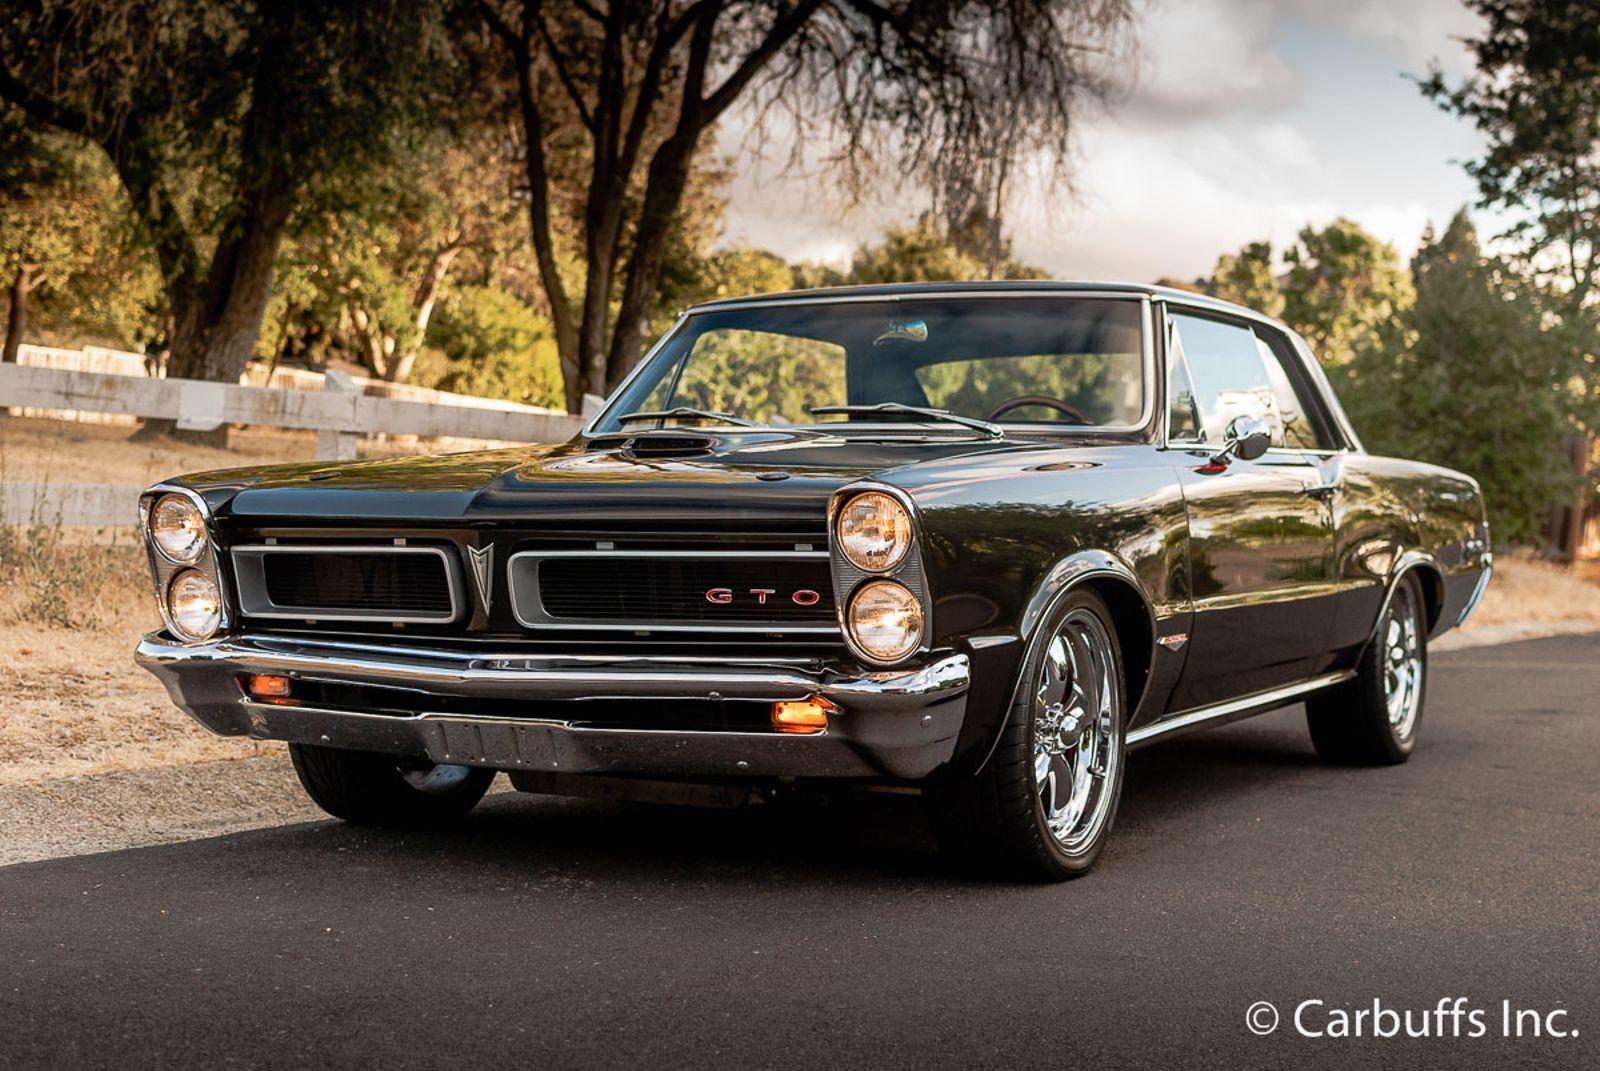 1965 Pontiac GTO | Concord, CA | Carbuffs | Concord CA 94520